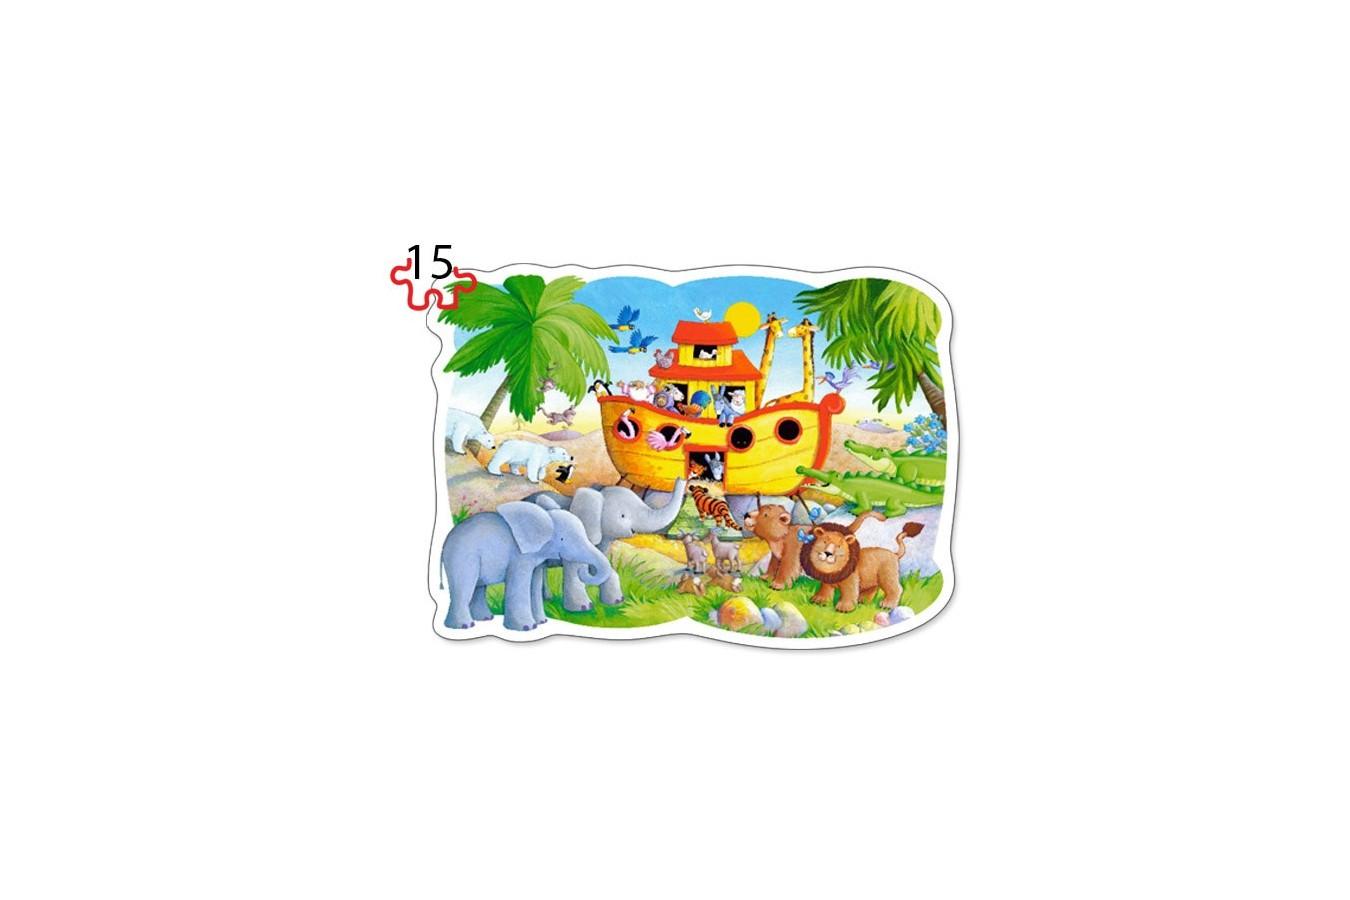 Puzzle Castorland 2 in 1 Contur - Noahs Adventure, 9/15 Piese